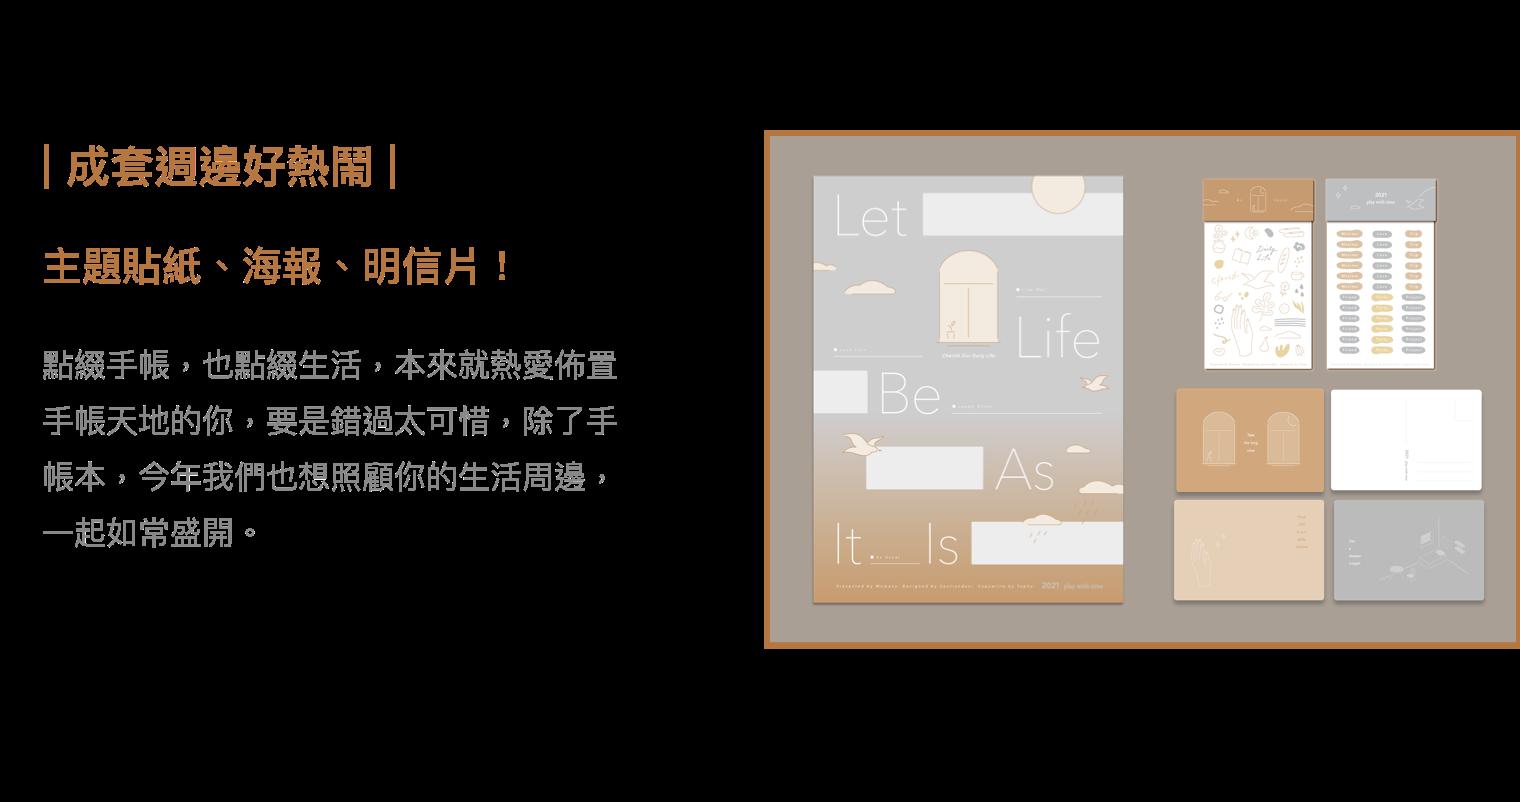 成套週邊好熱鬧  送禮自用兩相宜,精彩絕倫、絕對珍稀,森田達子獨家設計主題貼紙、海報、明信片!